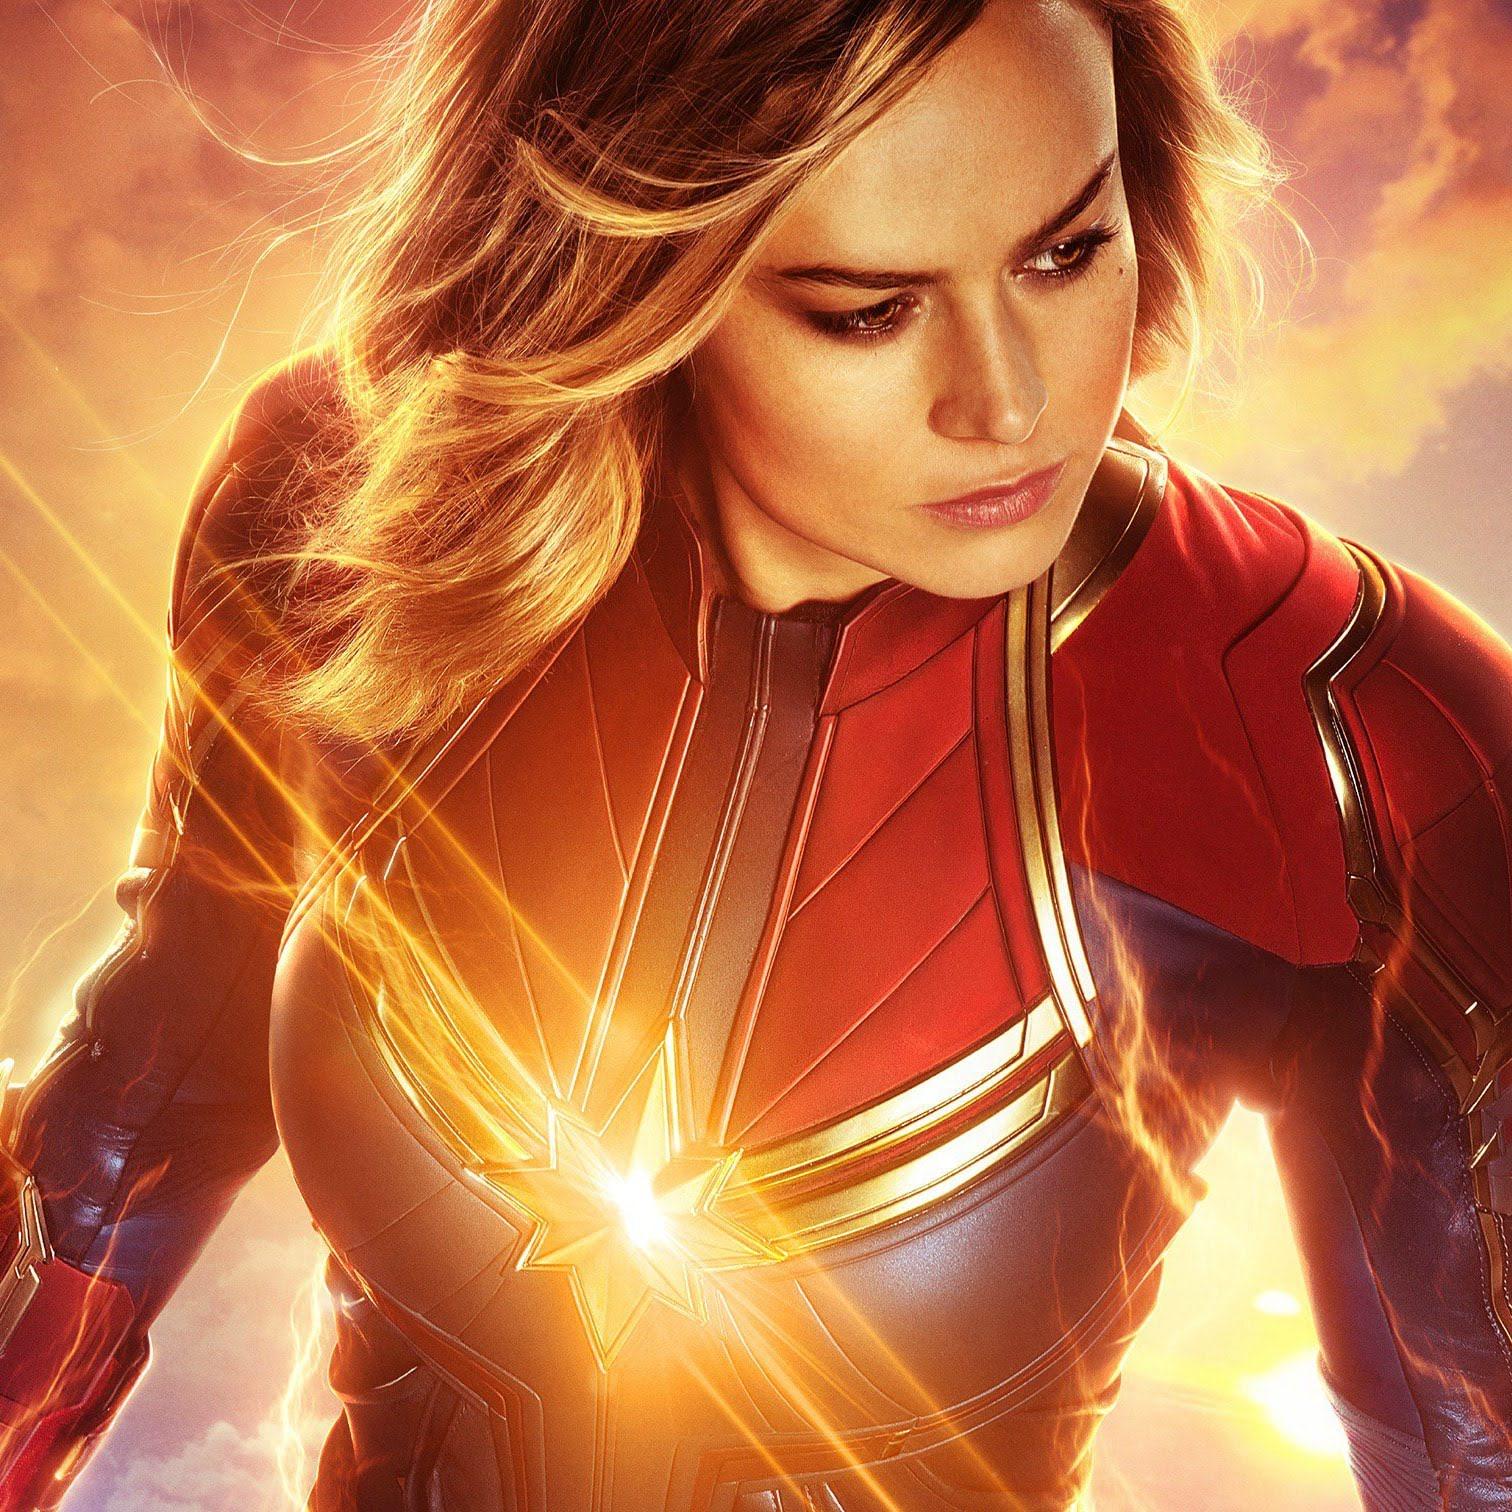 Captain Marvel : ブリー・ラーソン主演のマーベルの戦うヒロイン映画「キャプテン・マーベル」が、シネマティック・ユニバースの始まりの物語をアピールした新しい予告編をリリース ! !